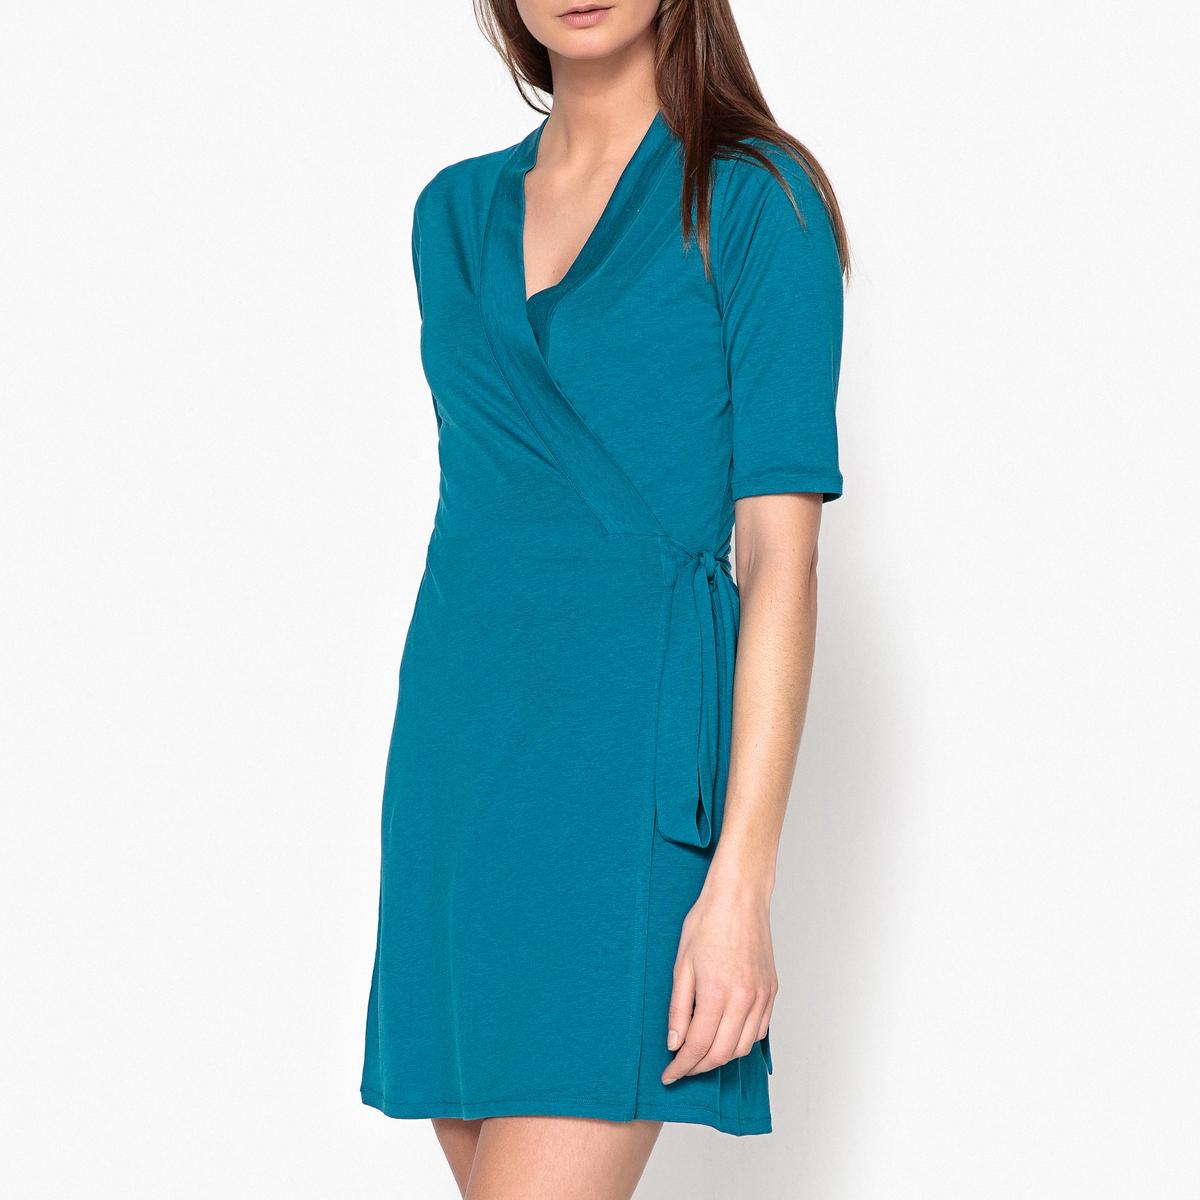 Платье летнее в форме каш-кер с короткими рукавами BERTILLE платье в стиле каш кер